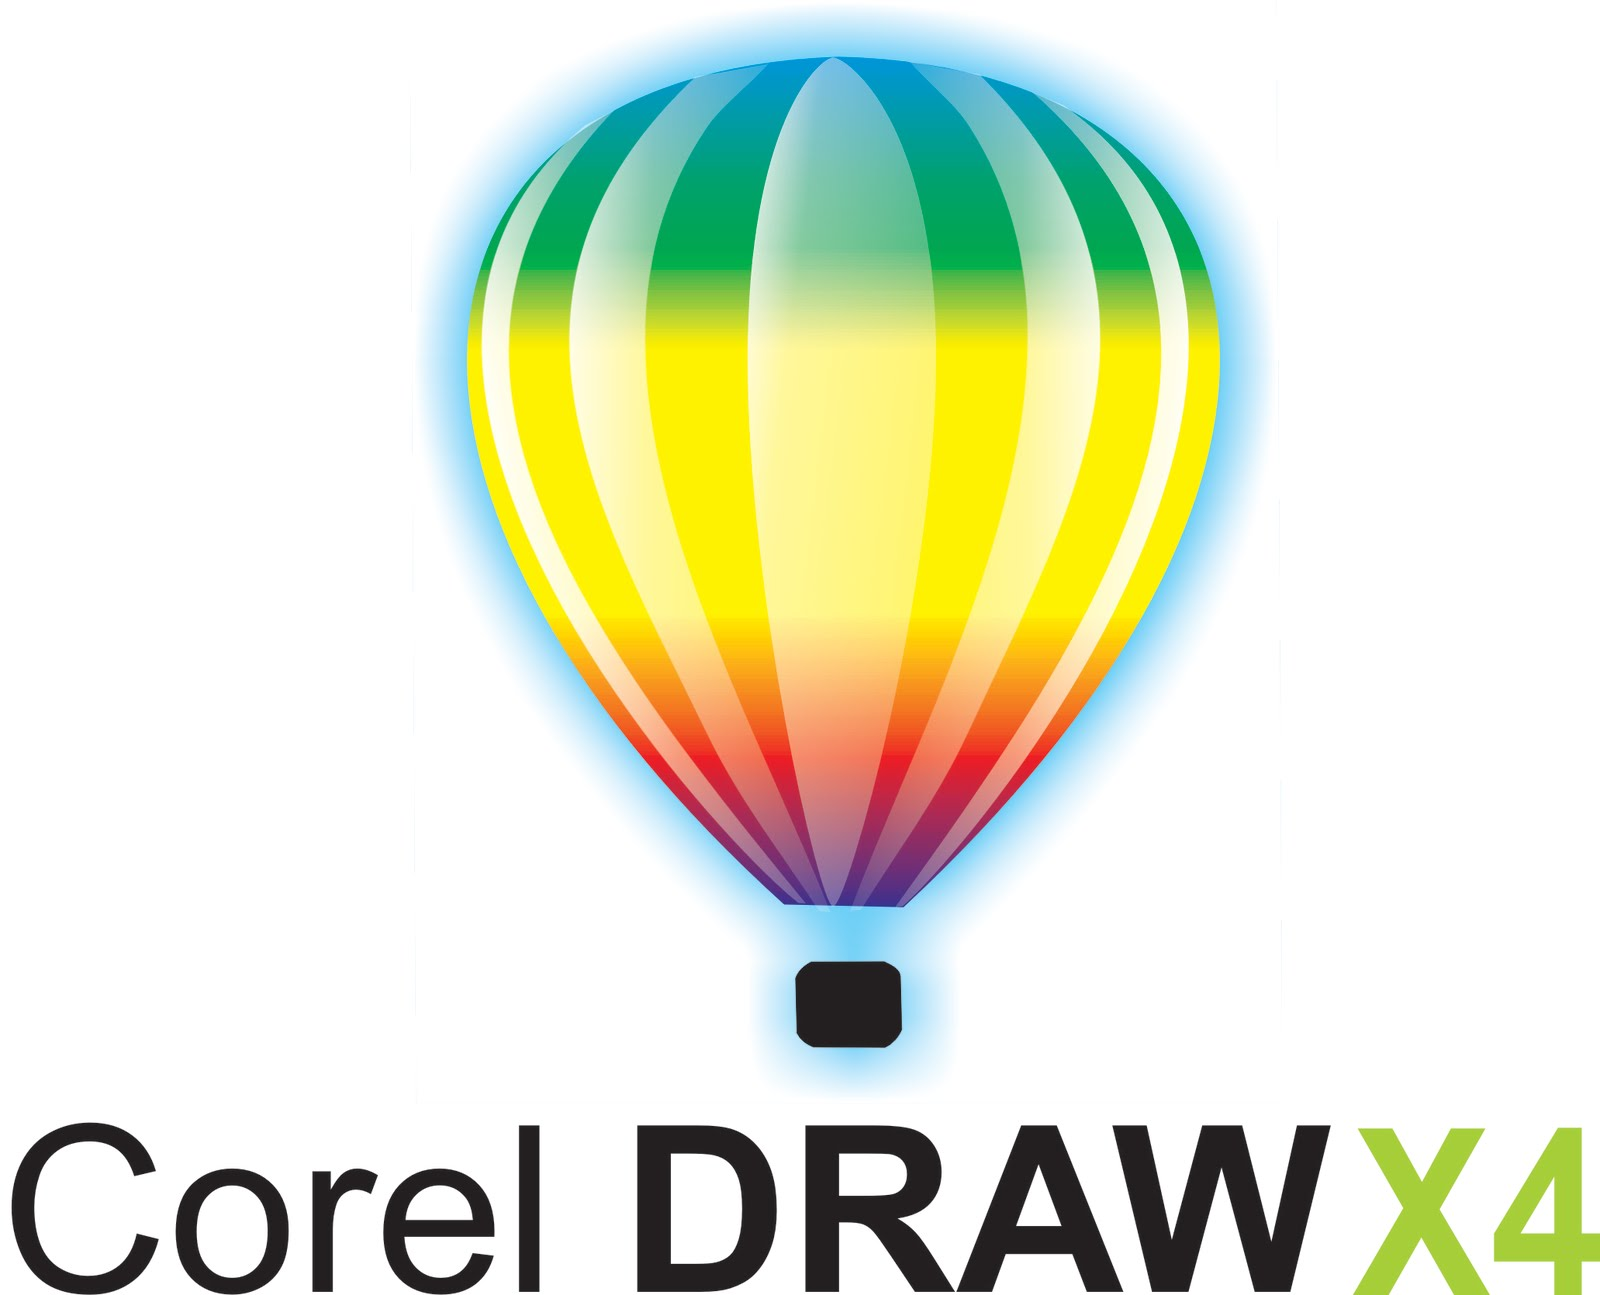 coreldraw x 4 скачать бесплатно на русском языке